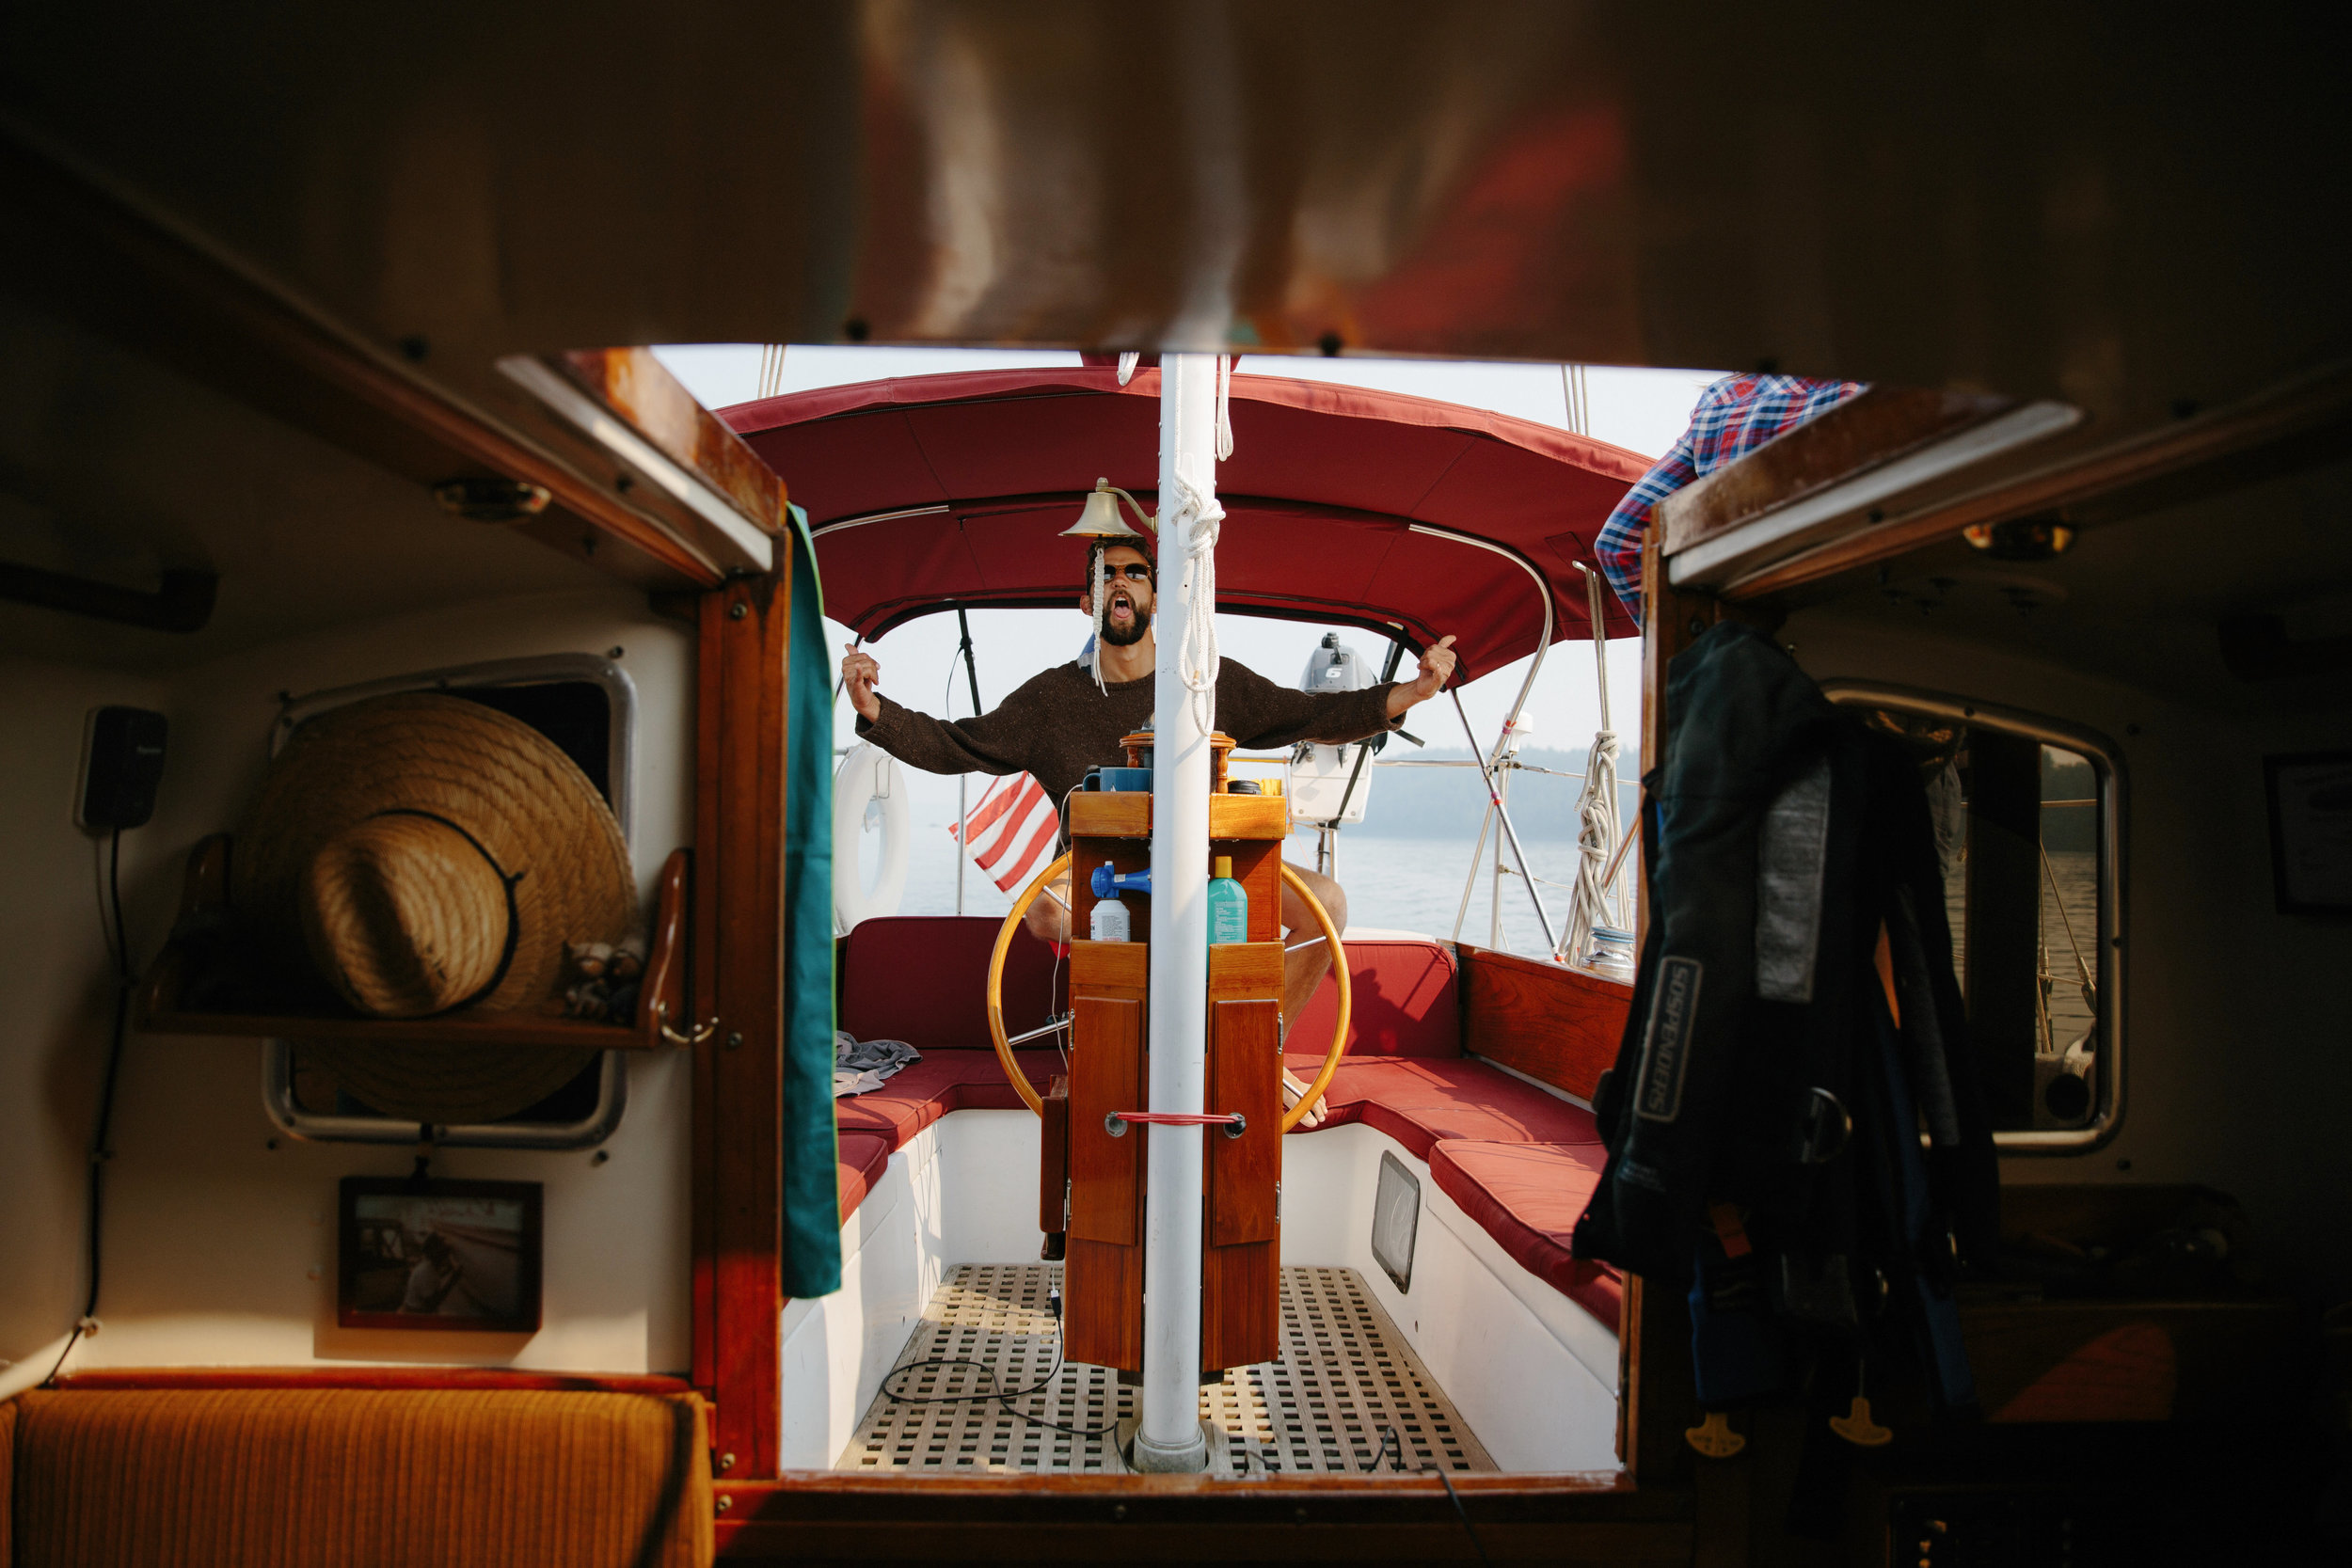 08:10 — Balkin_Oru_San Juans Sailing_0120.jpg